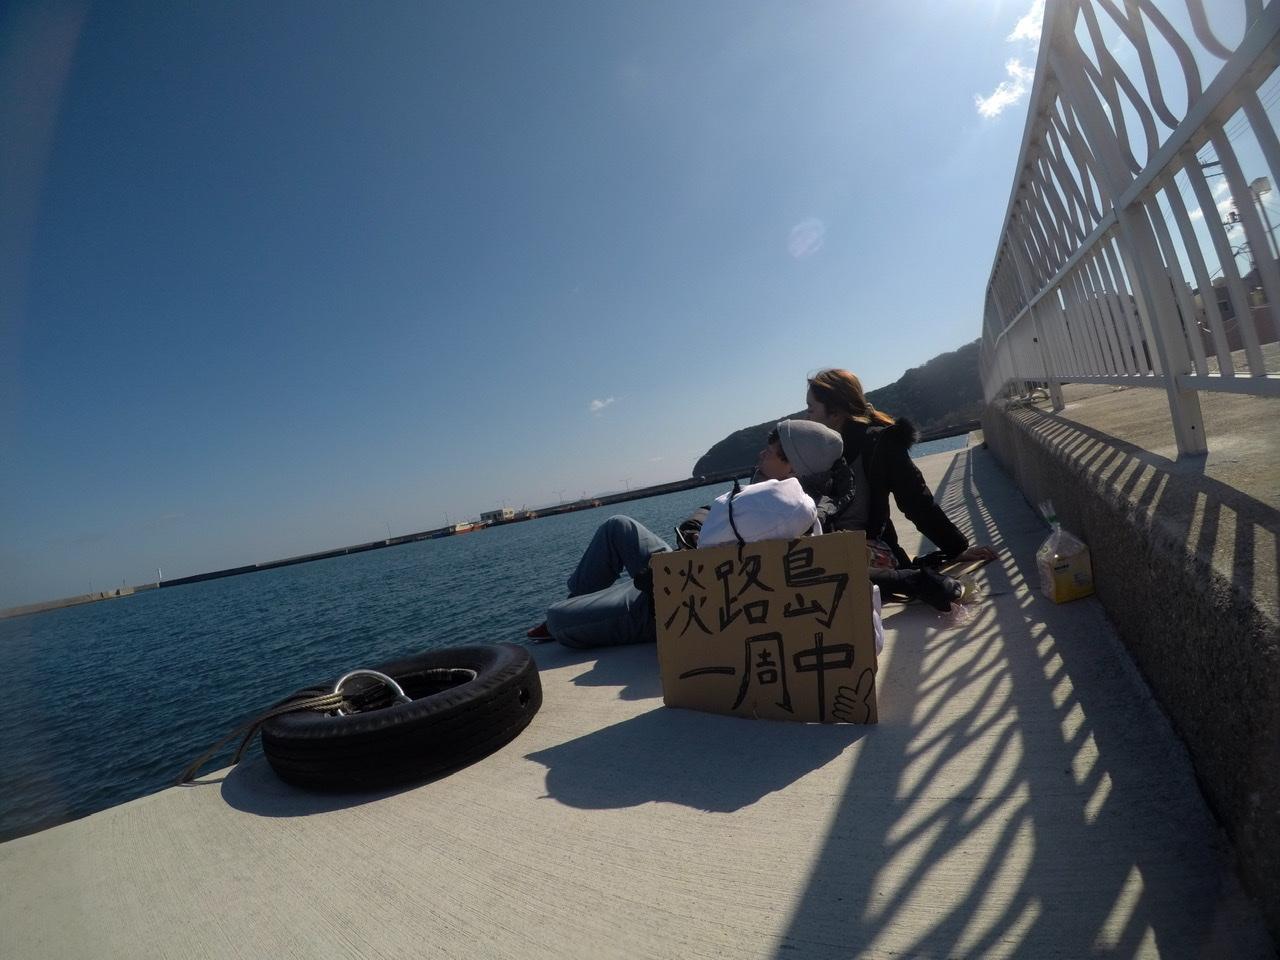 淡路島一周の時の写真で洲本の港で食べたパン